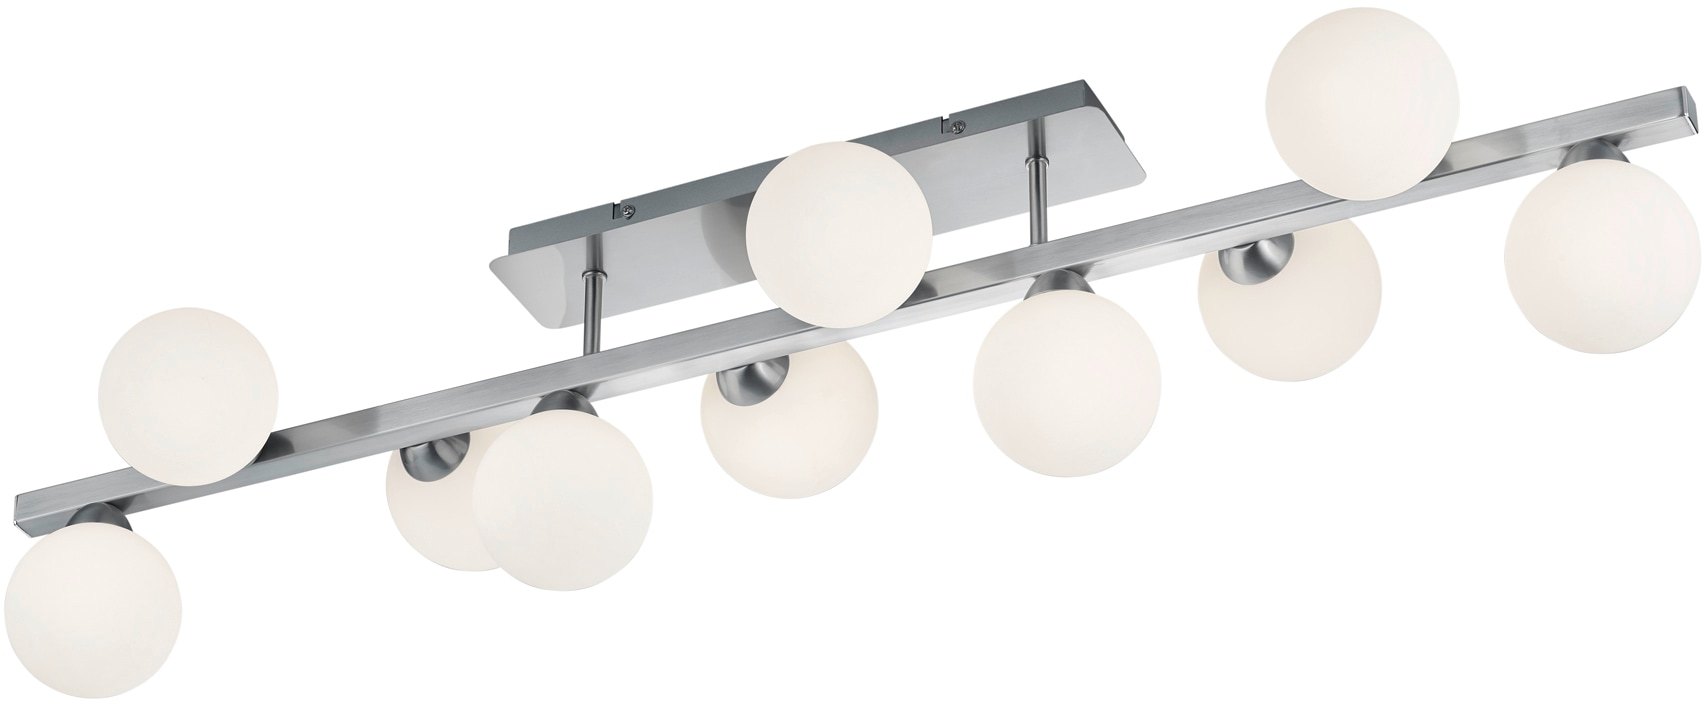 TRIO Leuchten Deckenleuchte ALICIA, G9, 1 St., Warmweiß, Deckenlampe